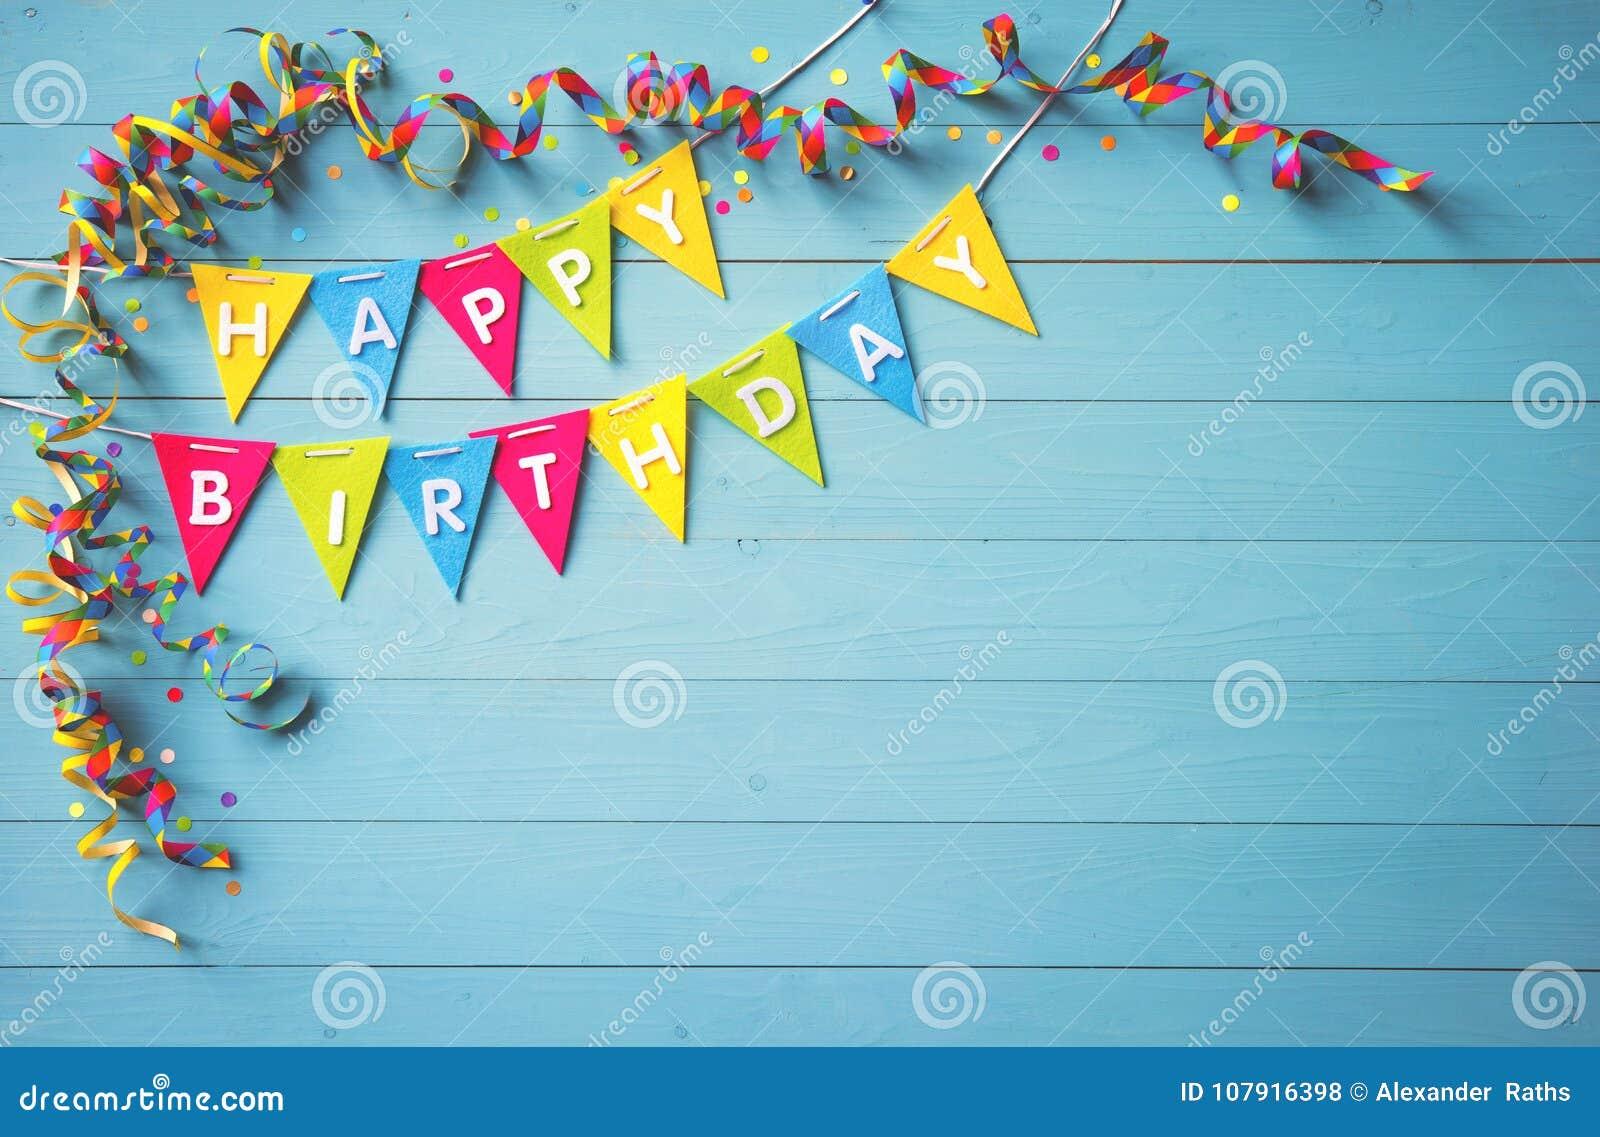 Fond De Partie De Joyeux Anniversaire Avec Le Texte Et Les Outils Colores Photo Stock Image Du Partie Avec 107916398